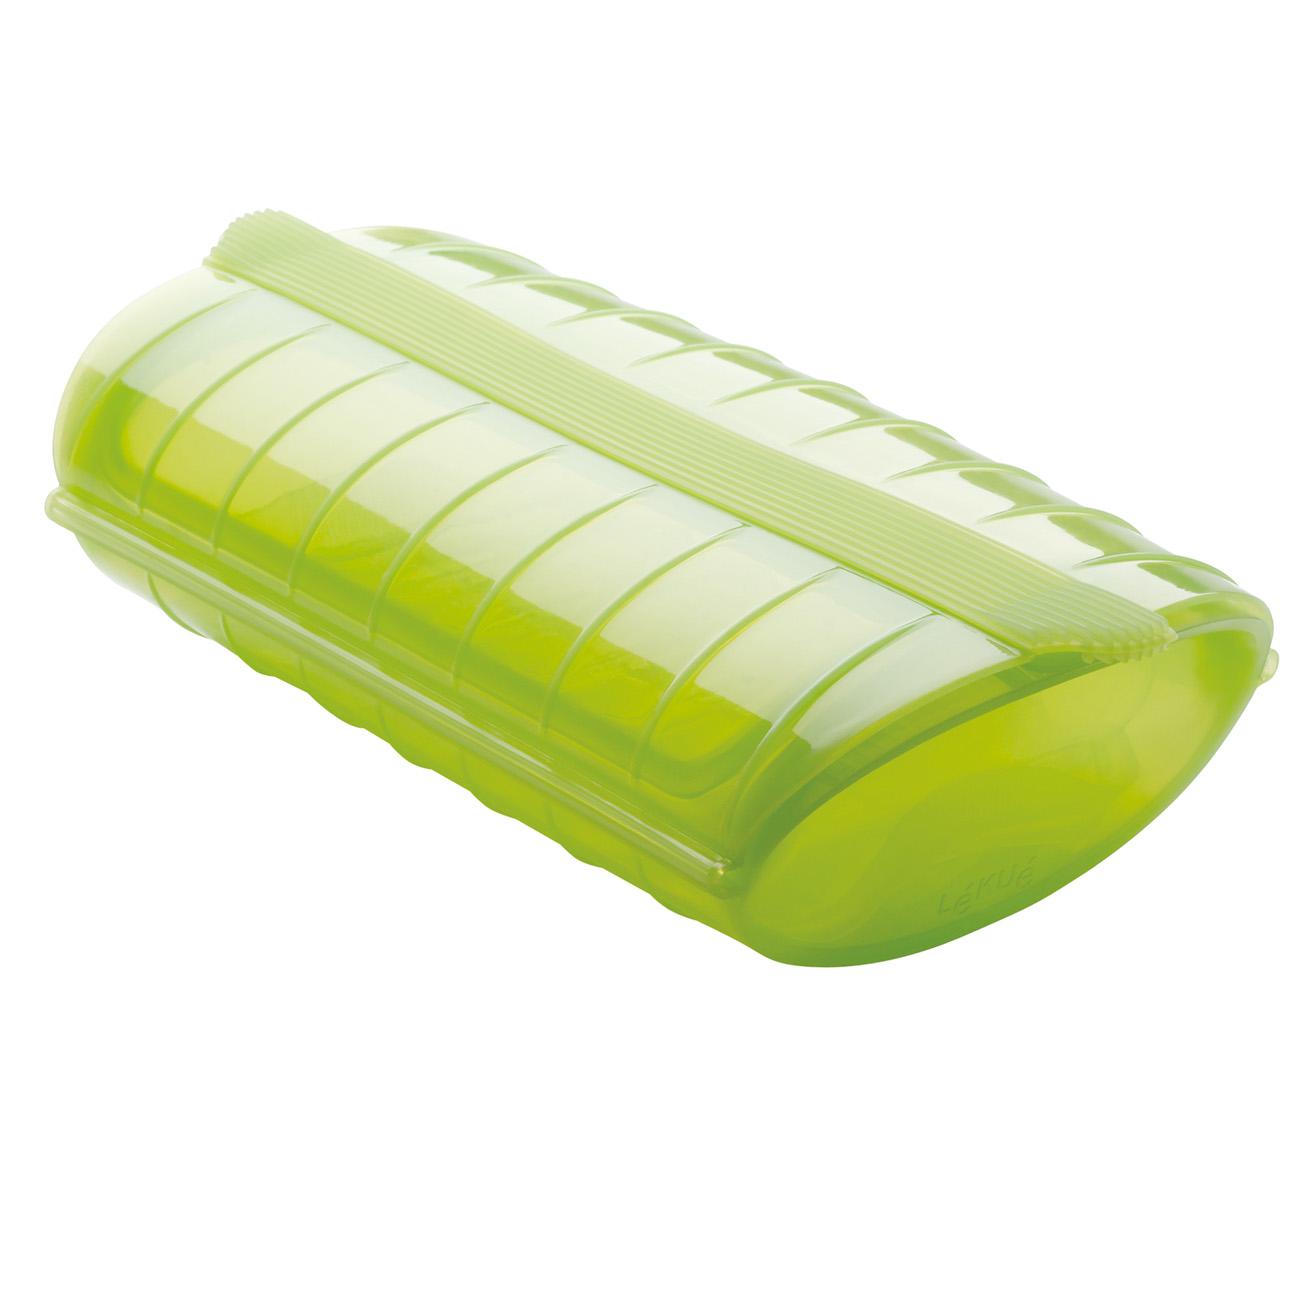 Конверт для запекания, силиконКонверт для запекания Лекуэ изготовлен из силикона и выполнен в ярком салатовом цвете. Испанский производитель сделал свой товар максимально удобным и простым в применении.Особенности изделияКонверт представляет собой конструкцию, состоящую из основания и двухстворчатой крышки. Имеется небольшой поддон, на который укладываются продукты. Конверт используется не только для приготовления пищи. В нем можно быстро разогреть еду в микроволновке или разморозить полуфабрикаты. Он также пригоден для хранения продуктов в холодильнике. Купить силиконовый конверт для запекания по привлекательной цене можно в сети магазинов Cookhouse или сделав заказ на сайте.<br>